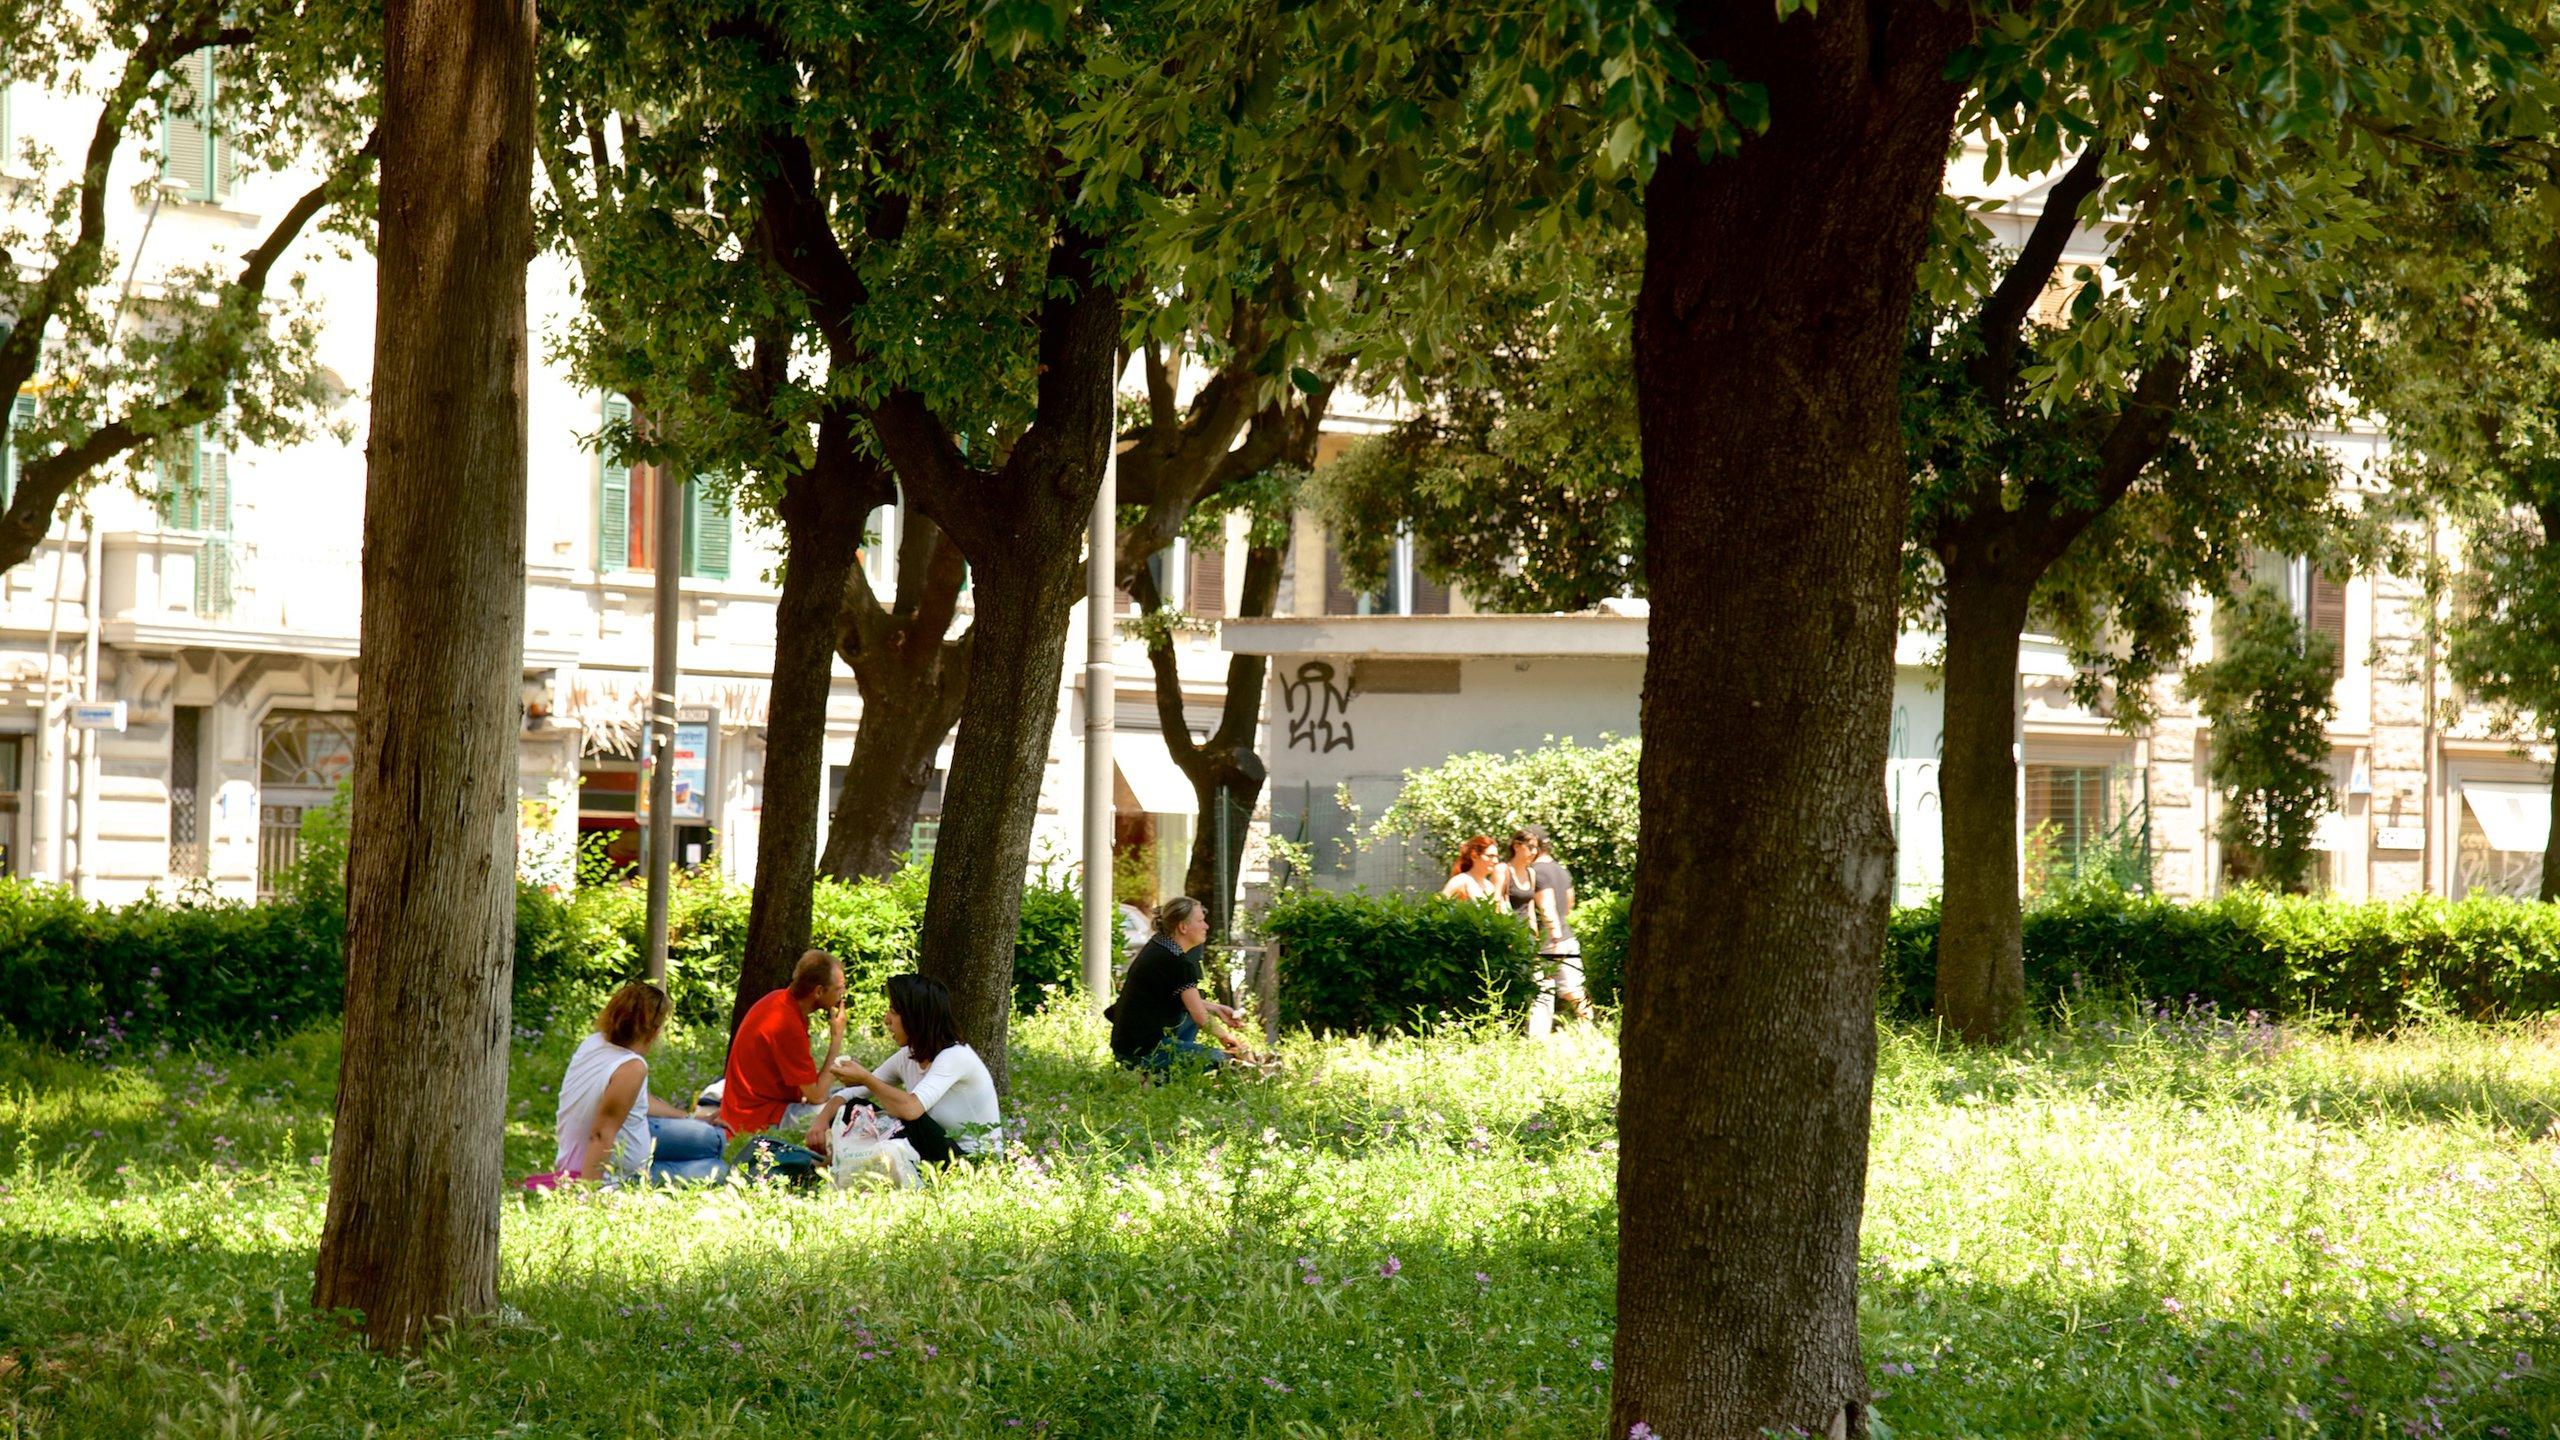 Municipio VII, Lazio, Italy